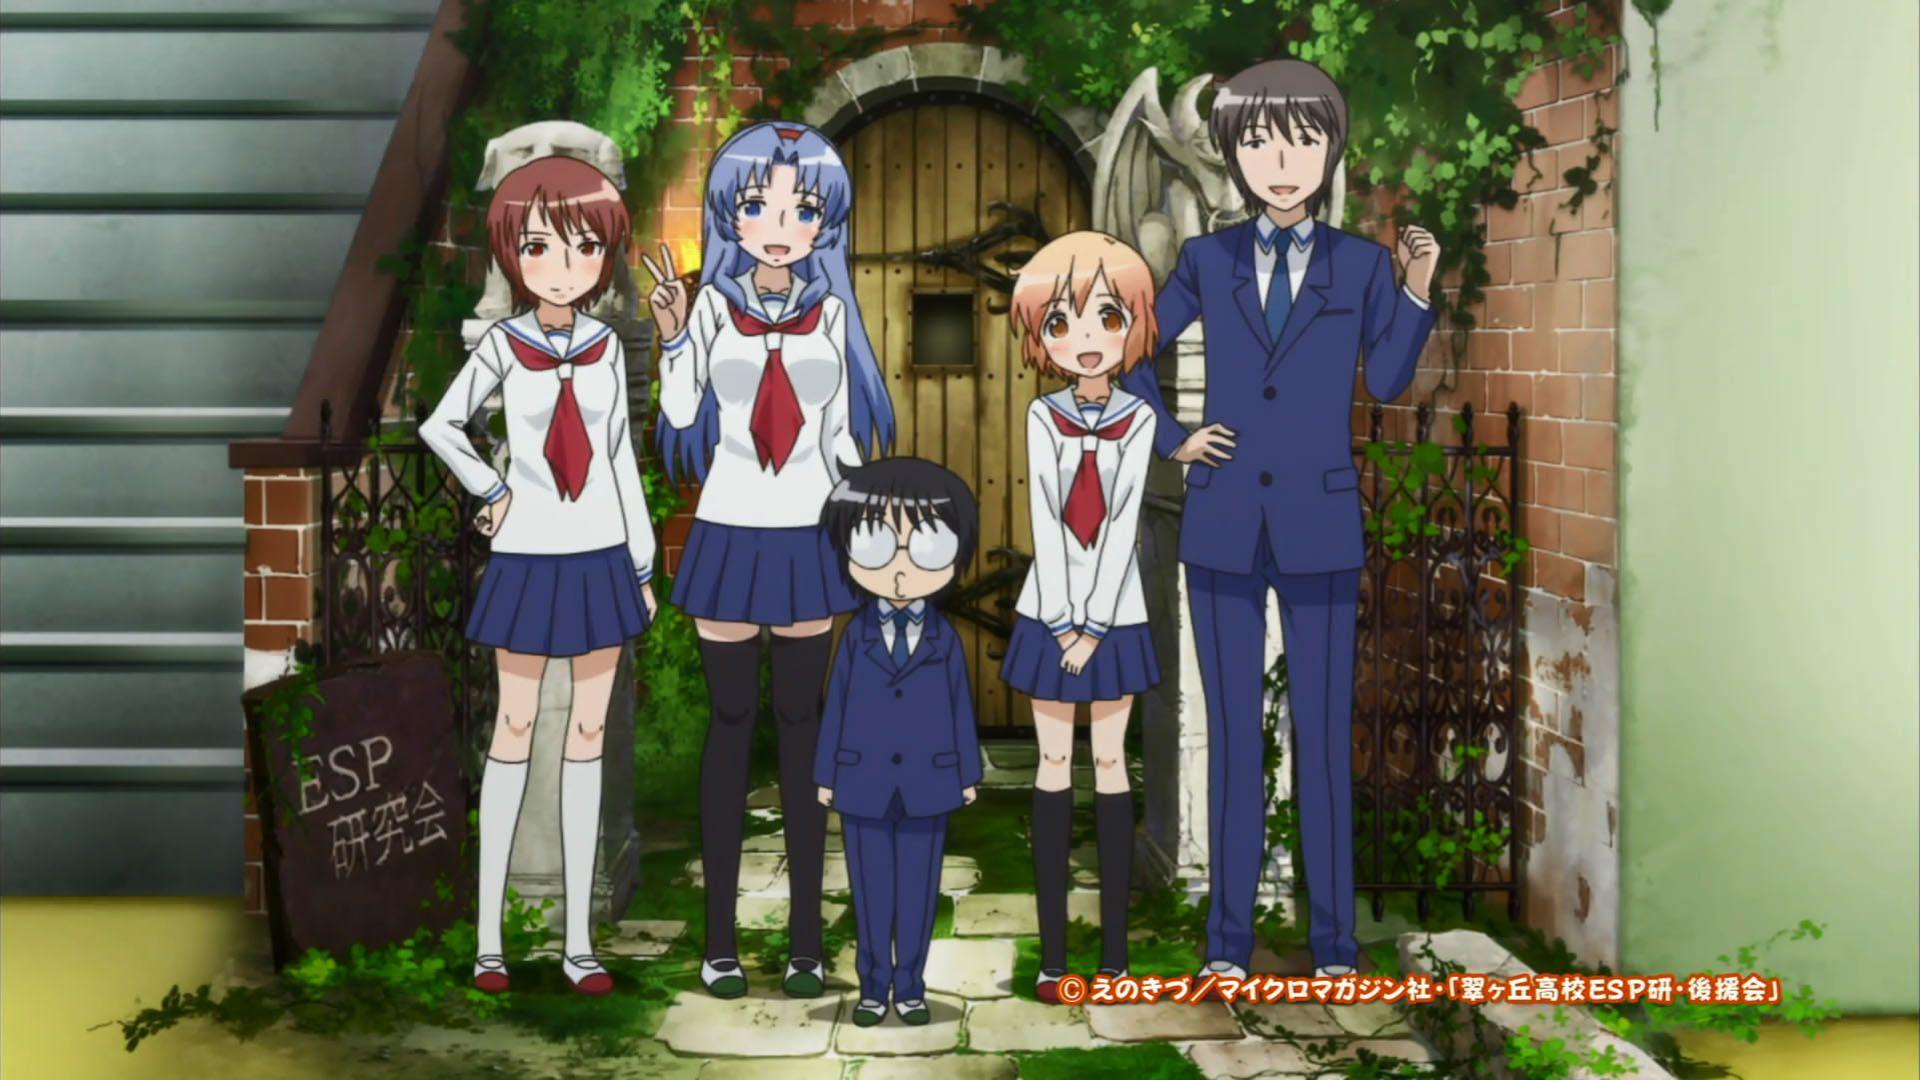 Wallpaper Anime Kotoura San Haruka No Heya